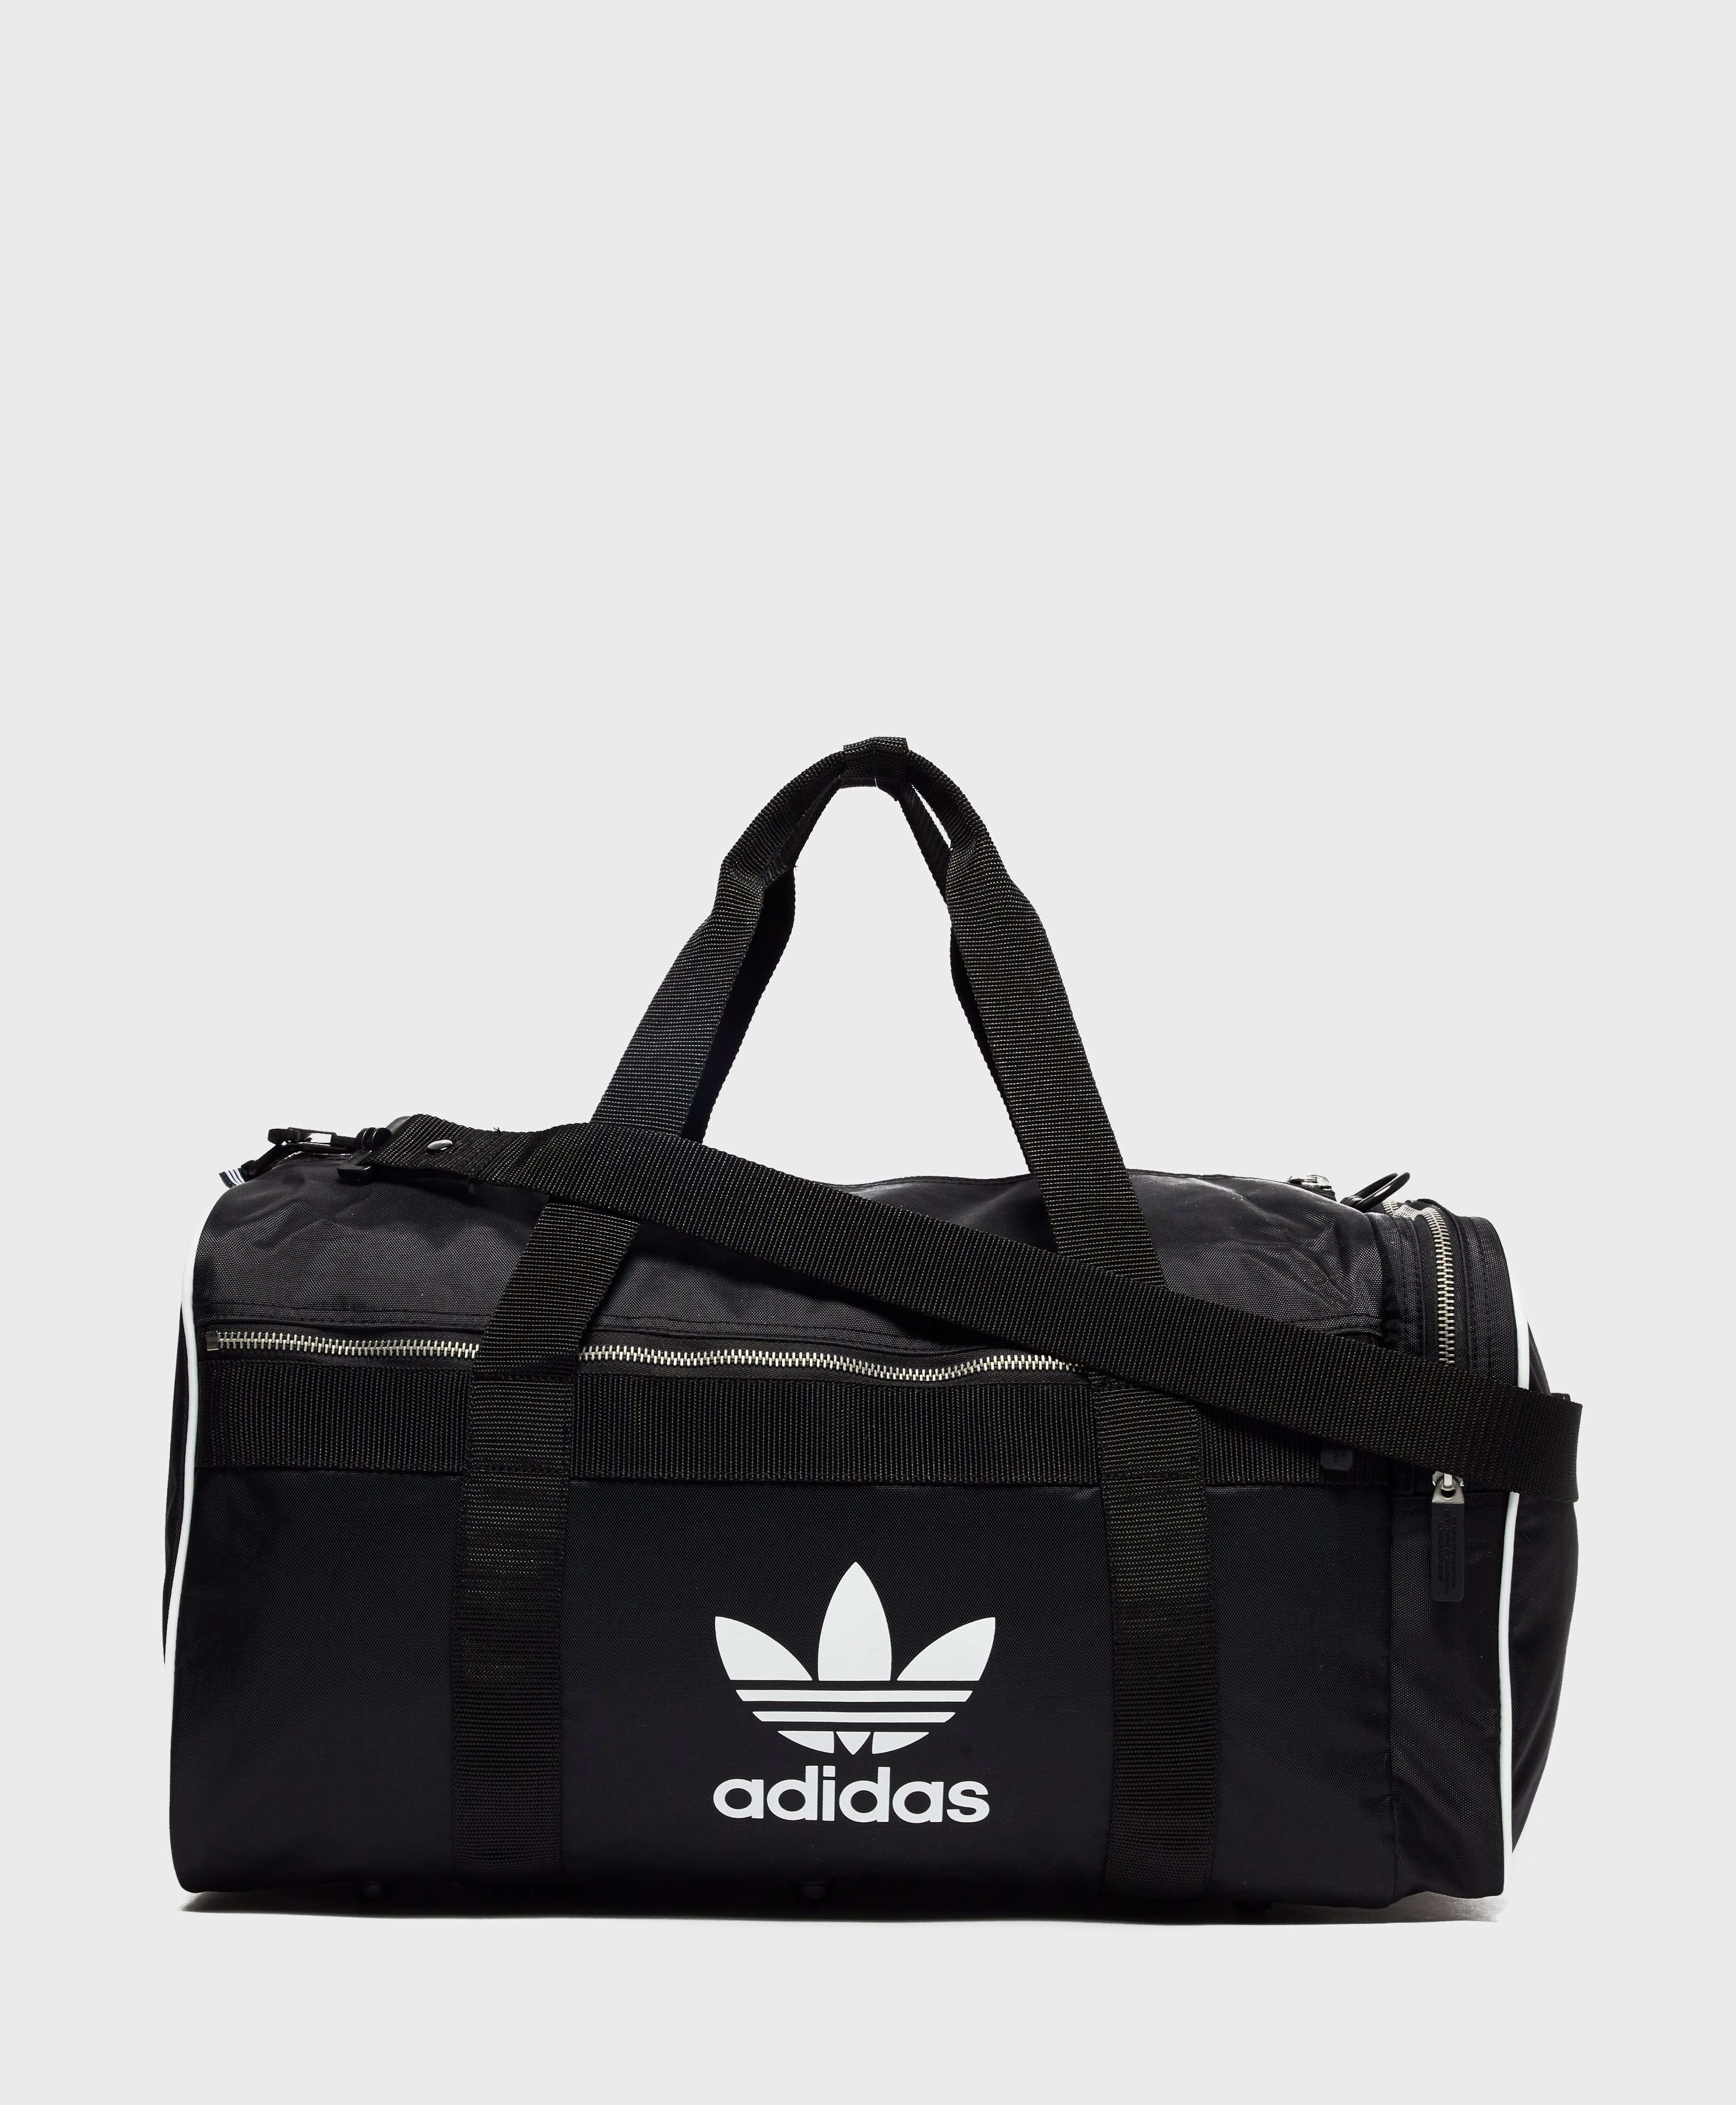 c49d44e73bc9 adidas Originals Trefoil Duffel Bag